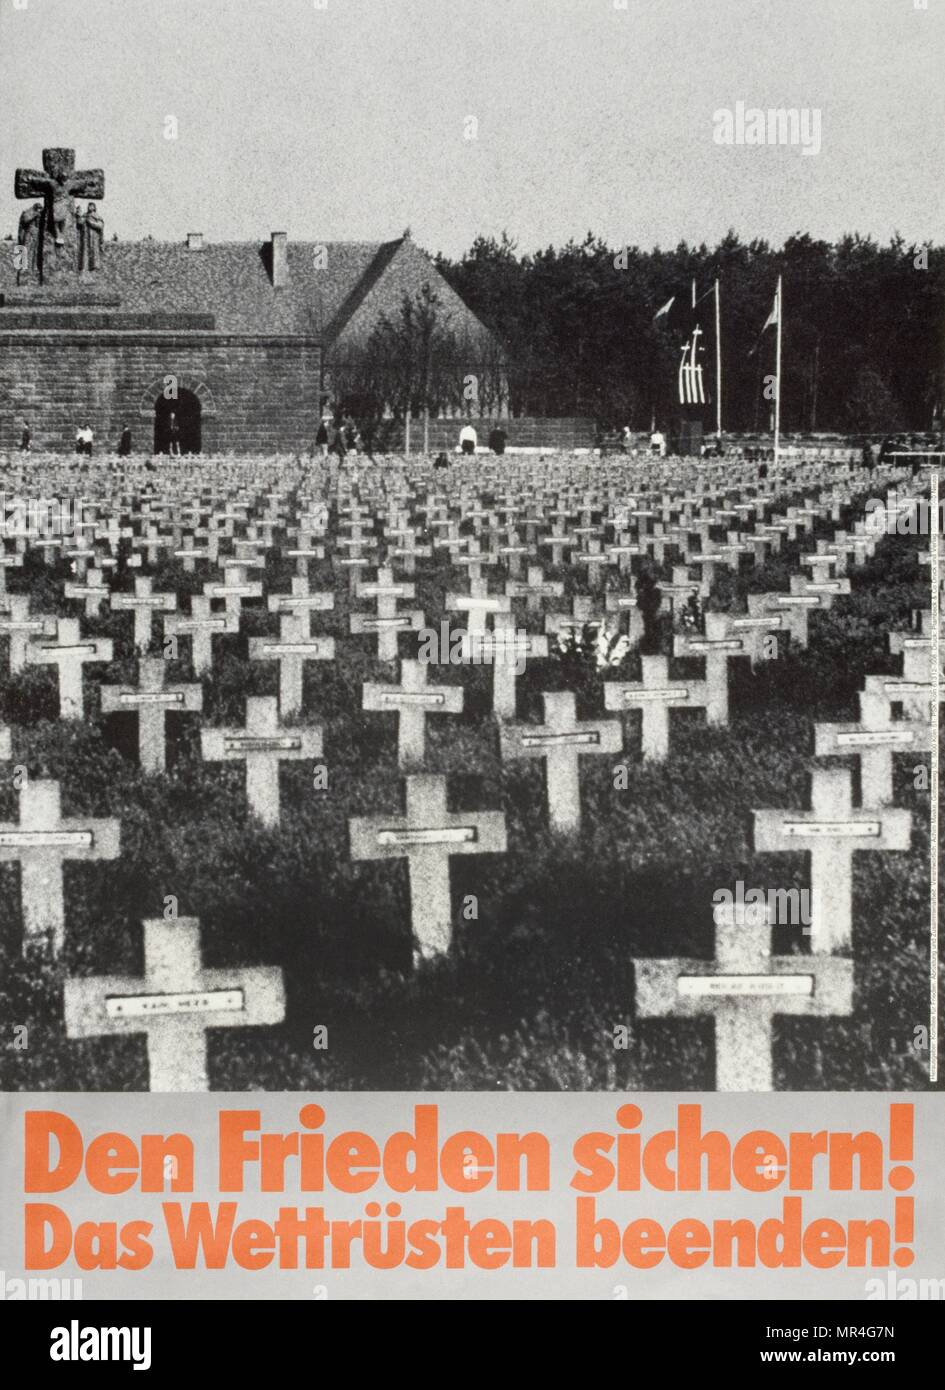 Den frieden sichern (para asegurar la paz), alemán, anti-armas nucleares, contra la guerra, la paz, el póster de la campaña durante la guerra fría 1983 Imagen De Stock